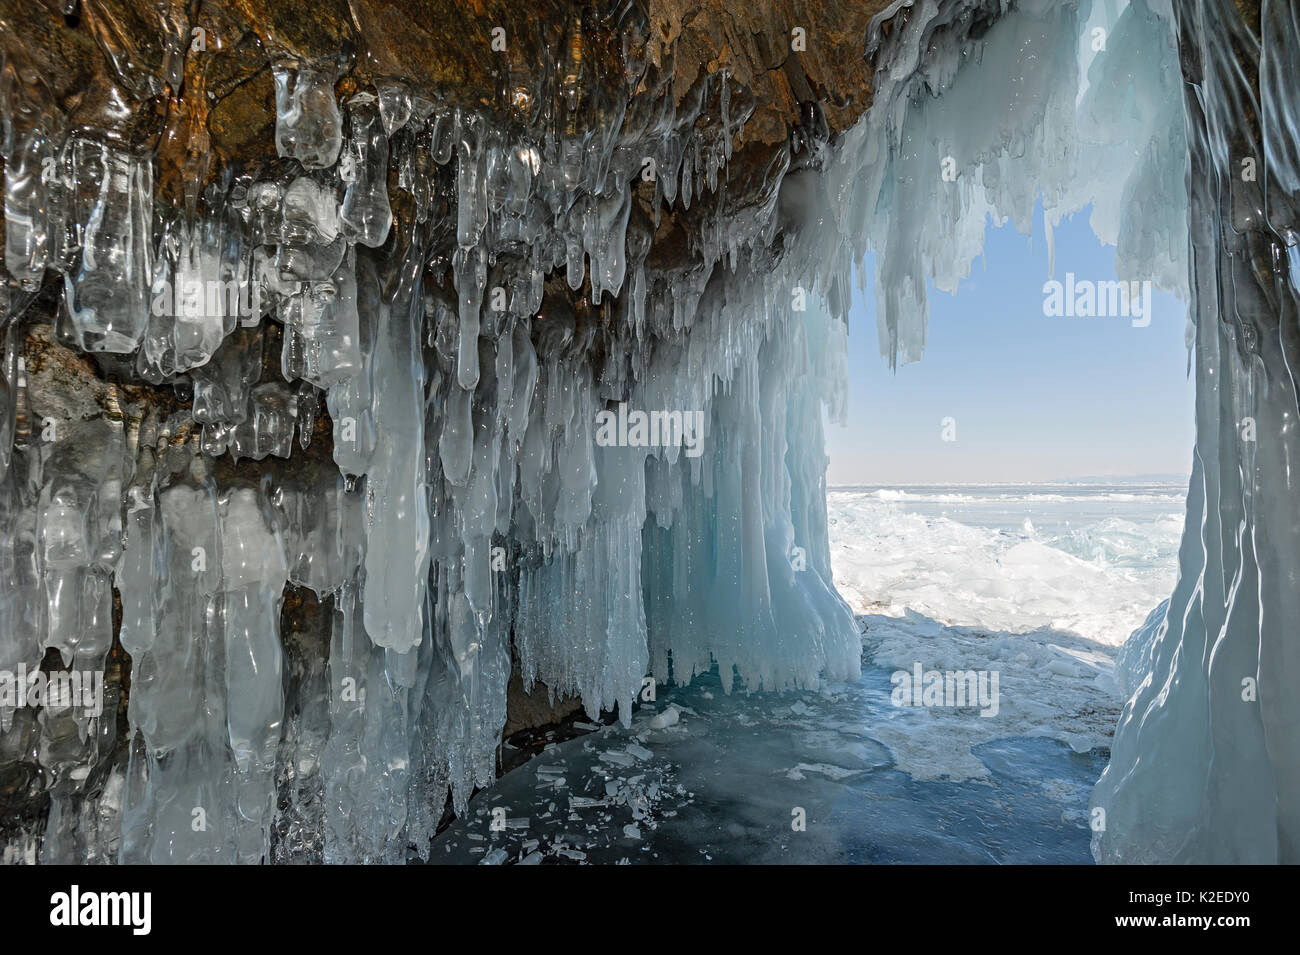 Grotta riempita di ghiaccioli / stalattiti di ghiaccio, il lago Baikal, Siberia, Russia, marzo 2015. Immagini Stock